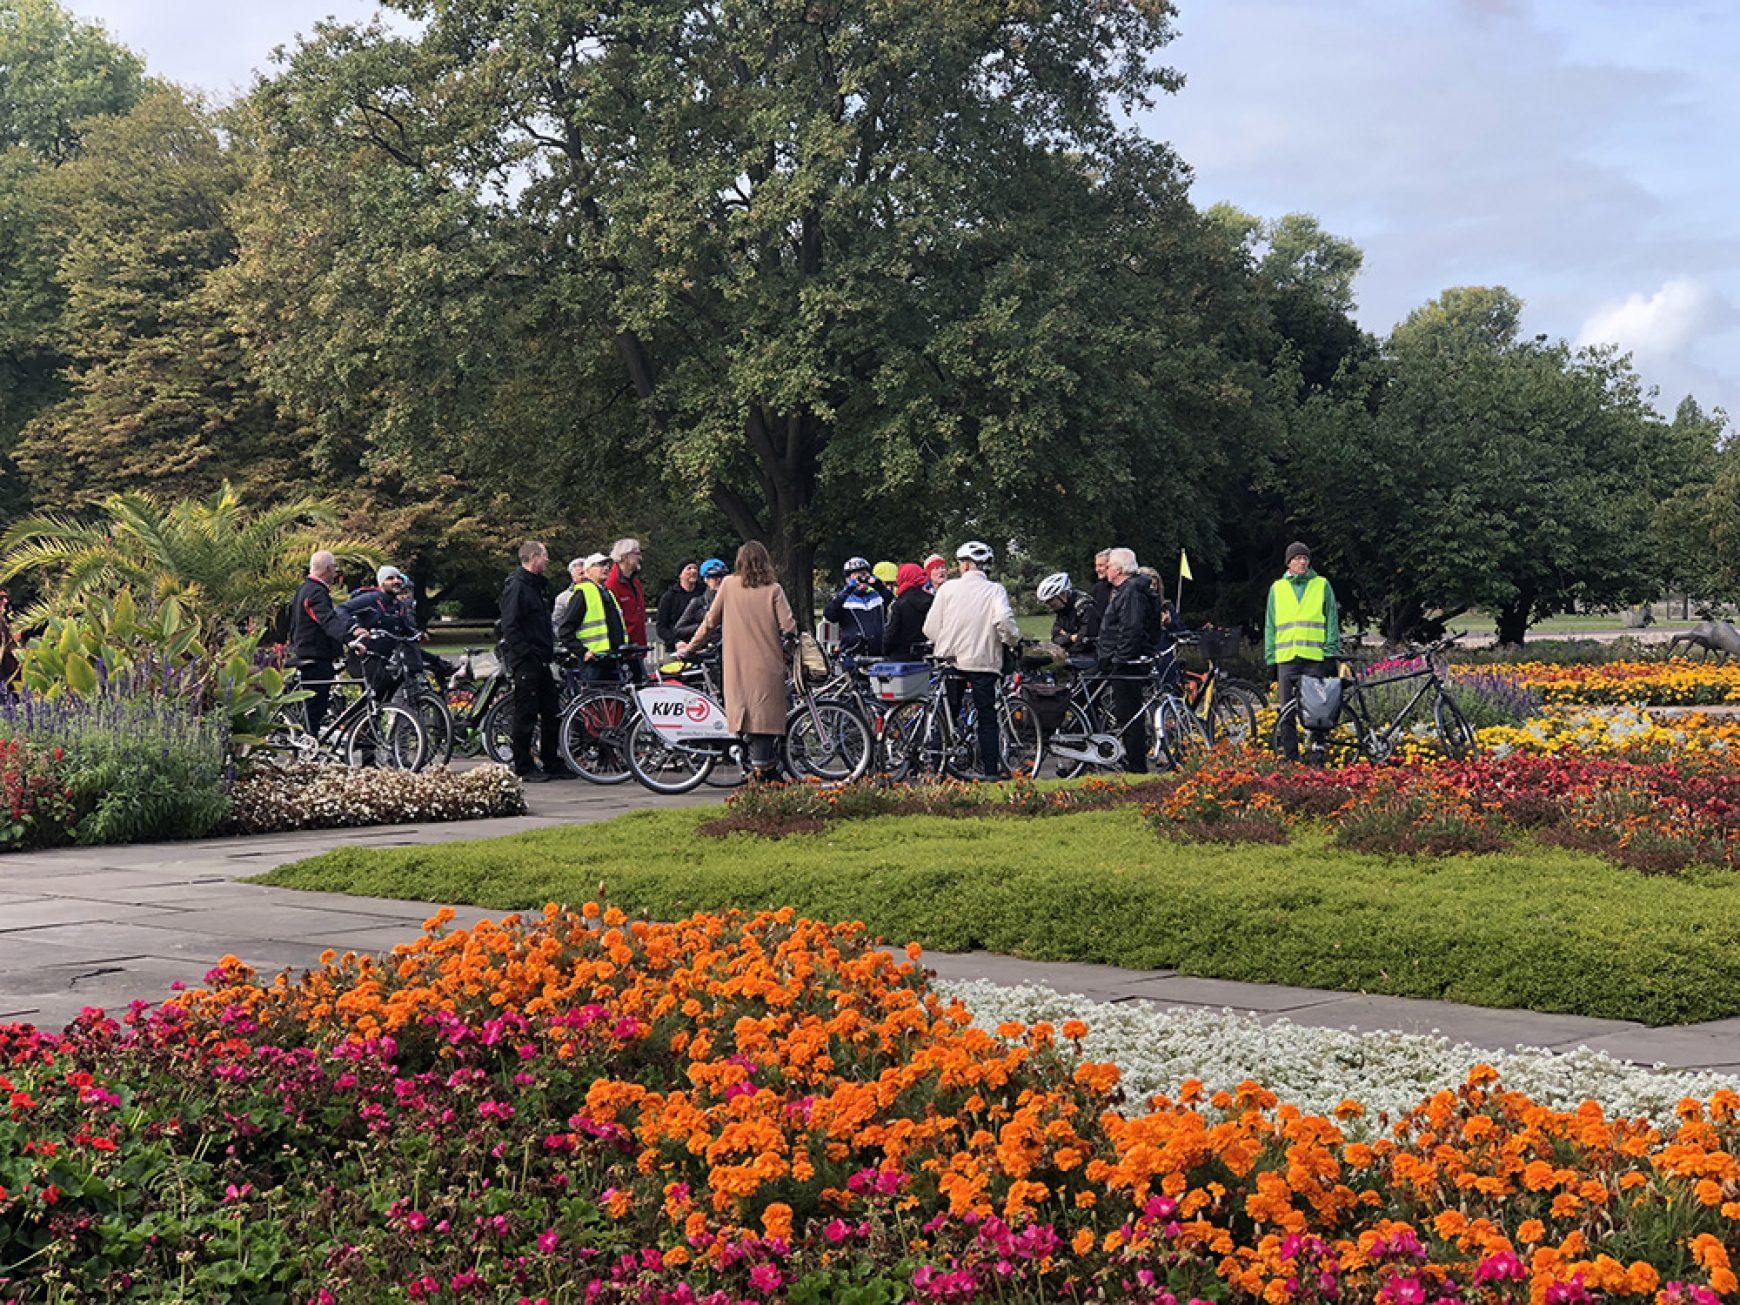 Das Innerstädtische Grün. Fahrradführung